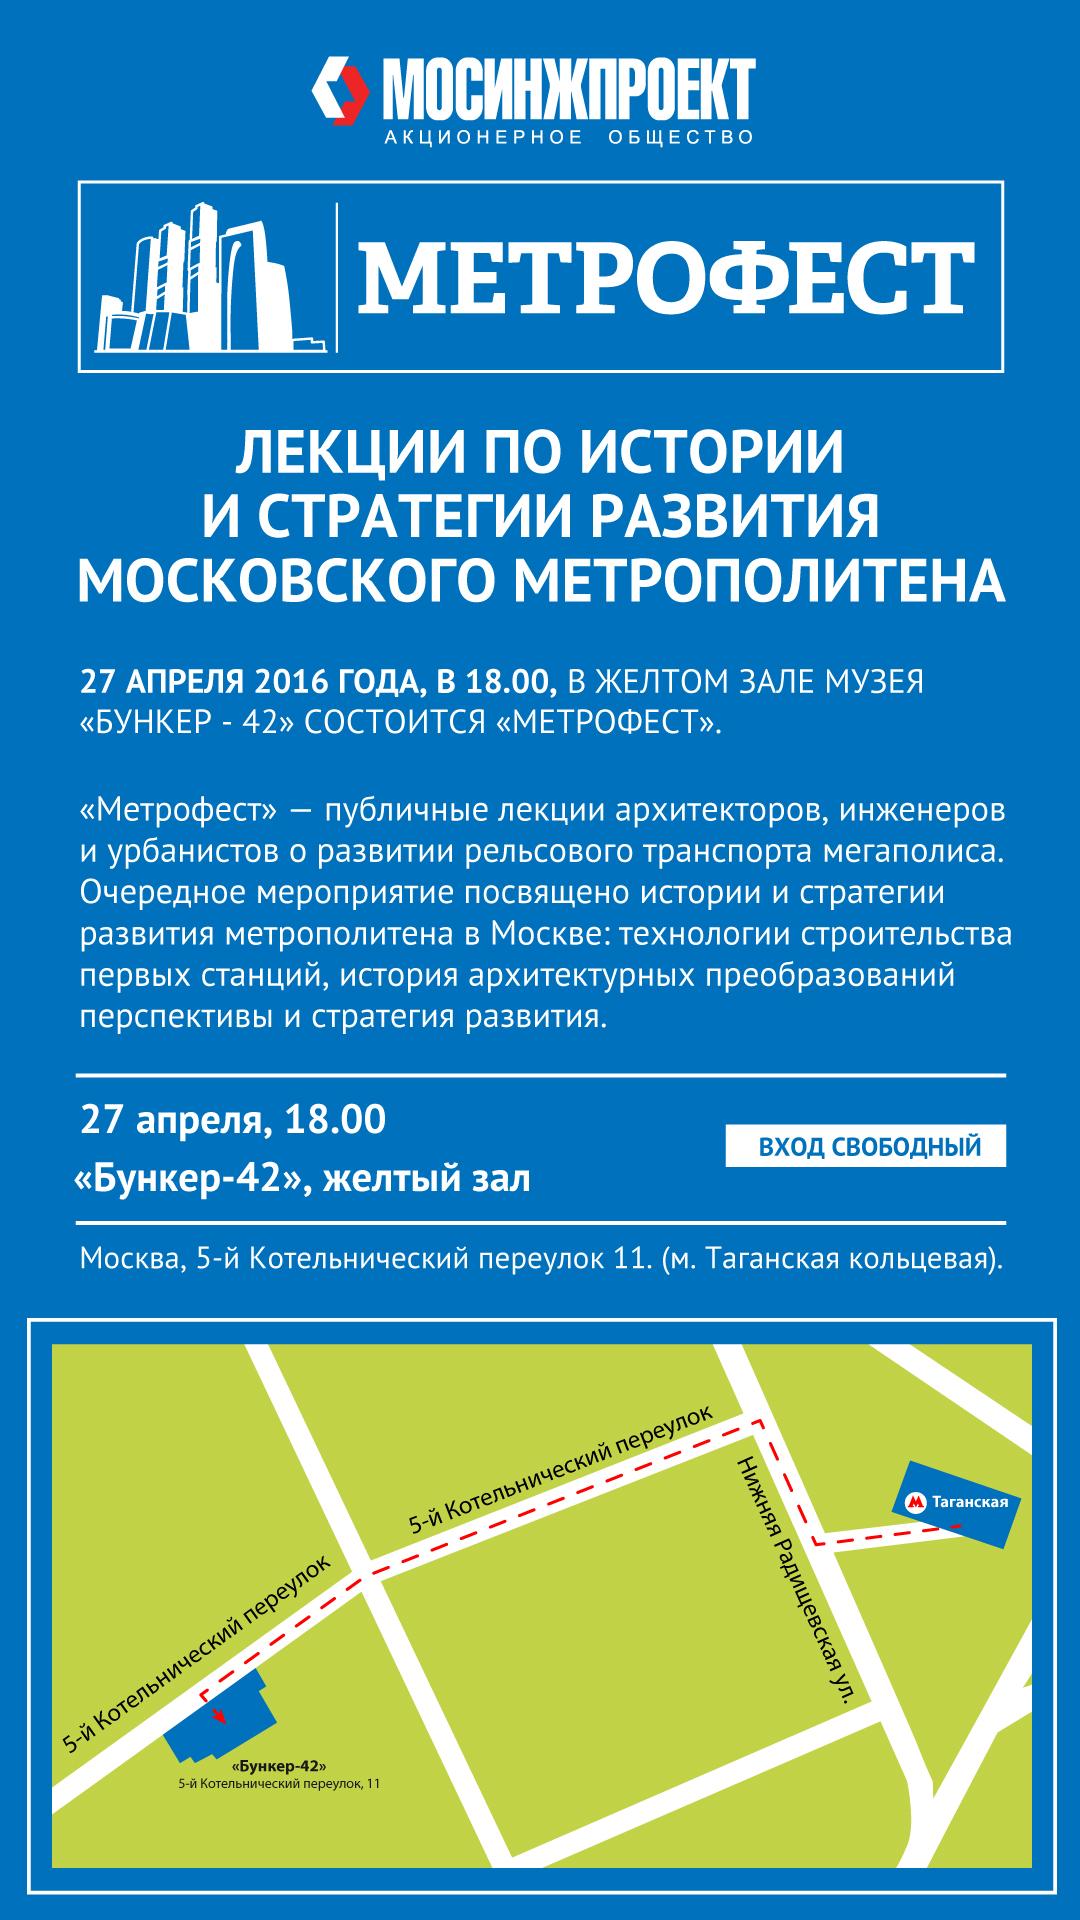 «Метрофест»: Лекции по истории и стратегии развития Московского метрополитена